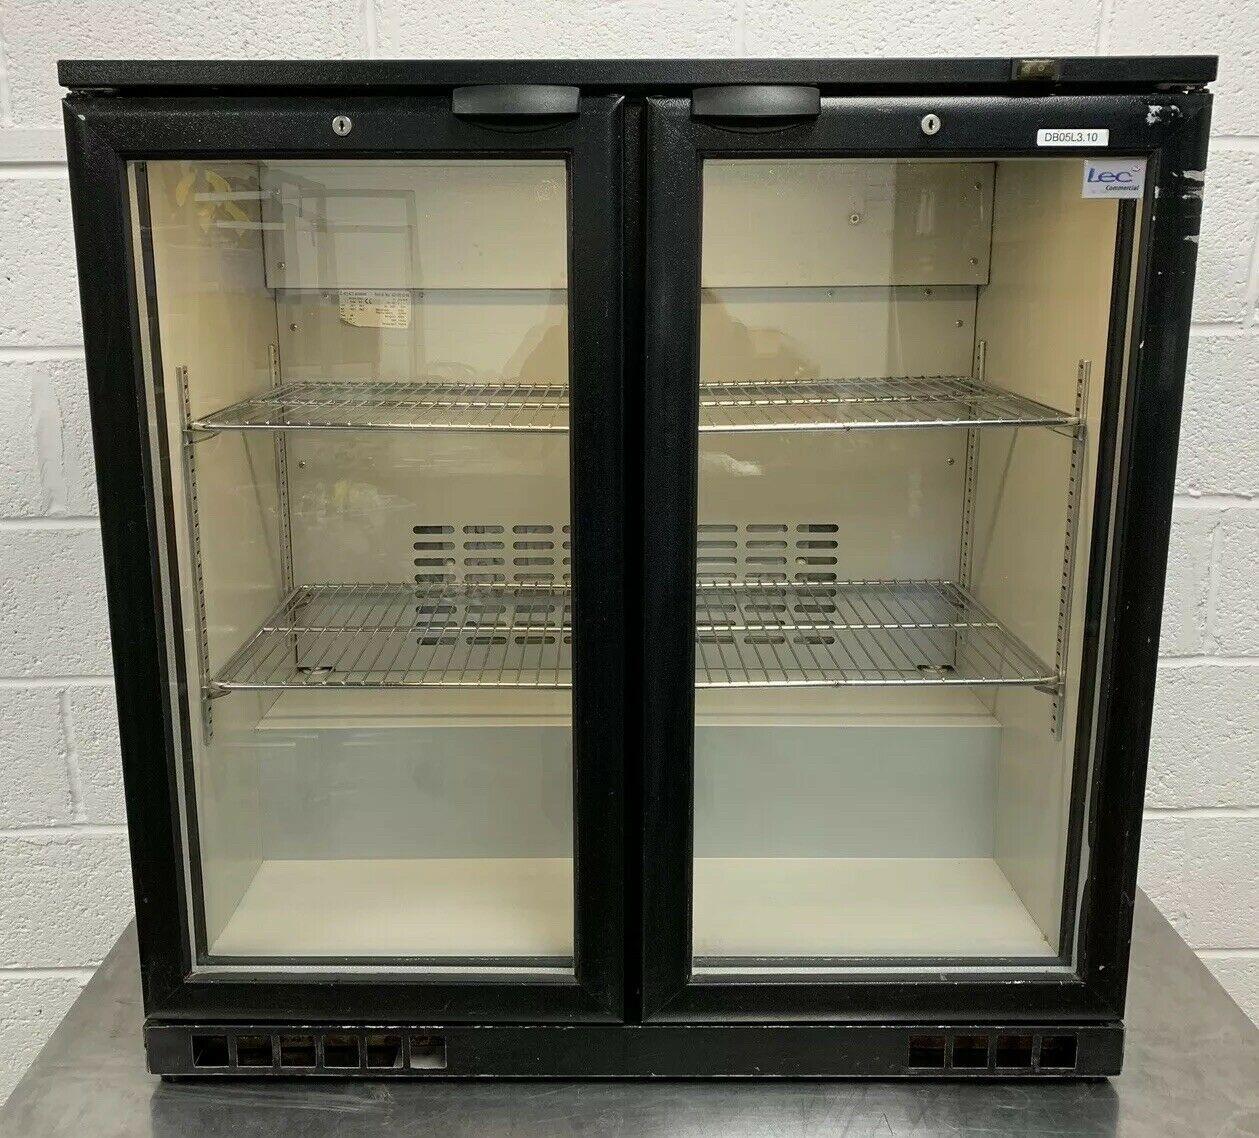 LEC BC9004K Double Door Drinks Display Fridge - Image 7 of 8